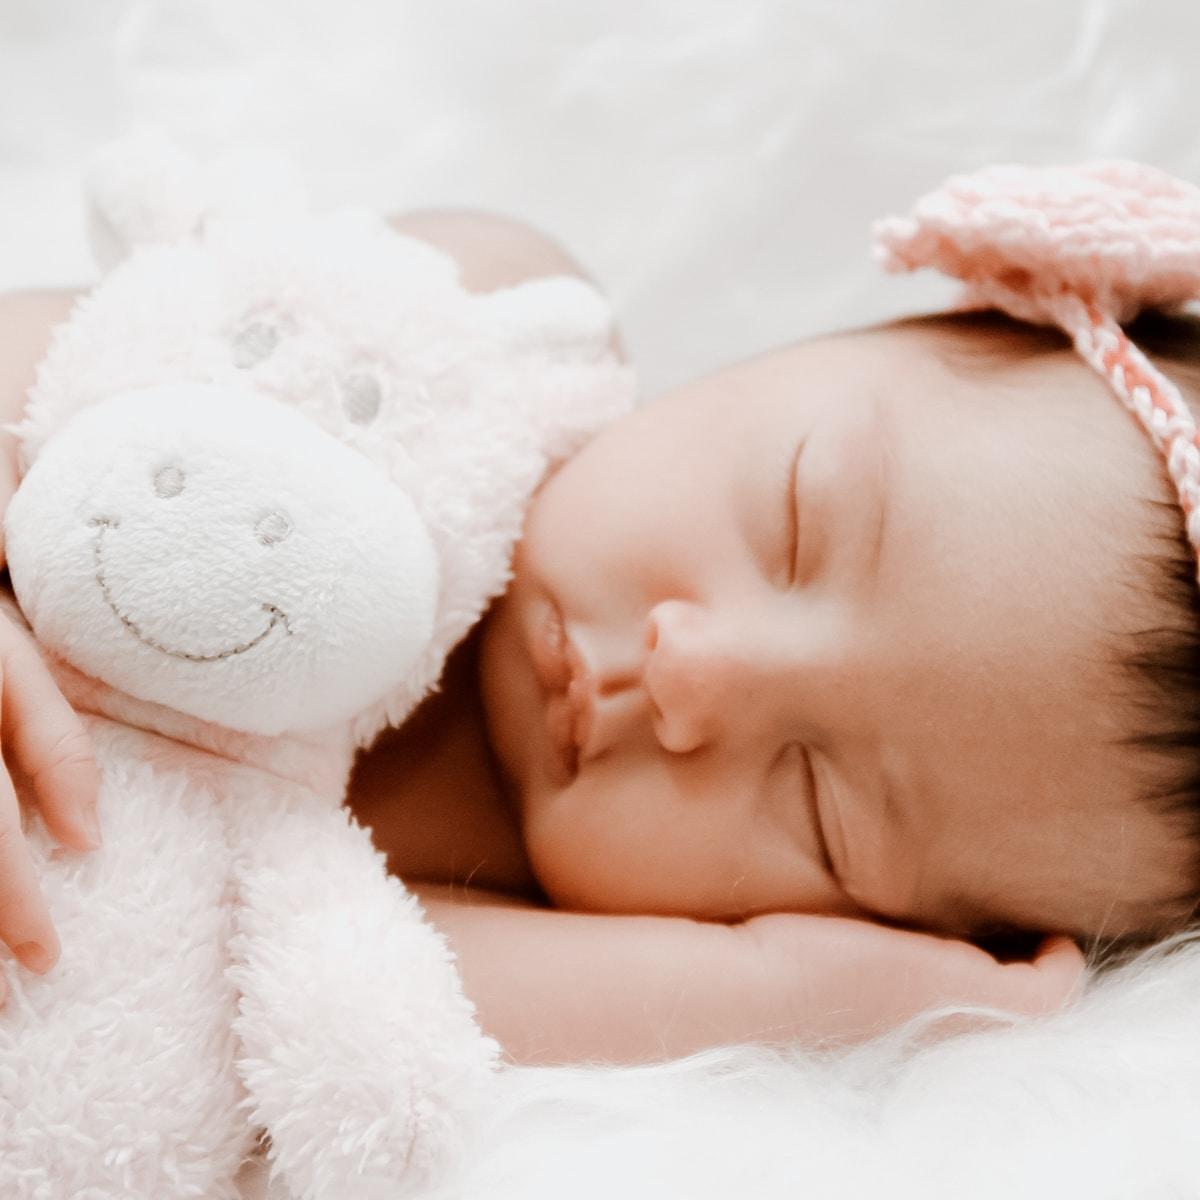 Newborn-Warm-Light-After-8